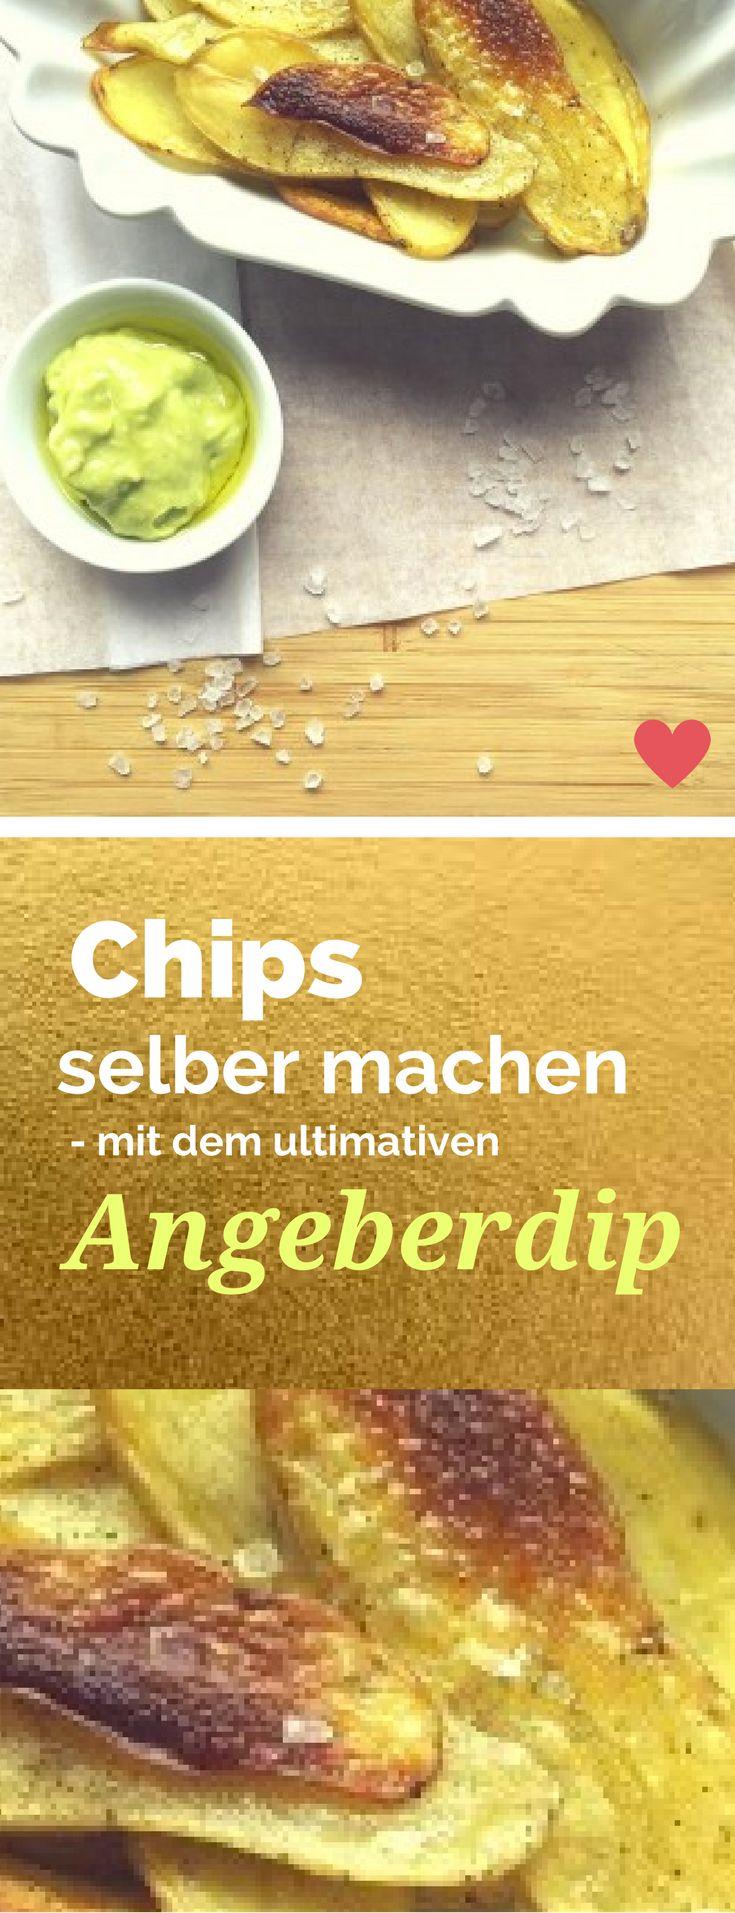 """Chips selber machen geht ganz leicht. Einfach die dünnen Kartoffelscheiben im Ofen kross backen - ich habe es für euch ausprobiert und euch genau aufgeschrieben, wie es geht. Dazu gibt es bei mir einen """"Angeberdip"""" mit cremig gerührter Avocado und einem Hauch Trüffelöl. Wirkt wie eine aufwändige Vorspeise, ist aber easypeasy nachzumachen.  Rezept auf http://www.meinesvenja.de/2015/10/12/chips-selber-machen/"""